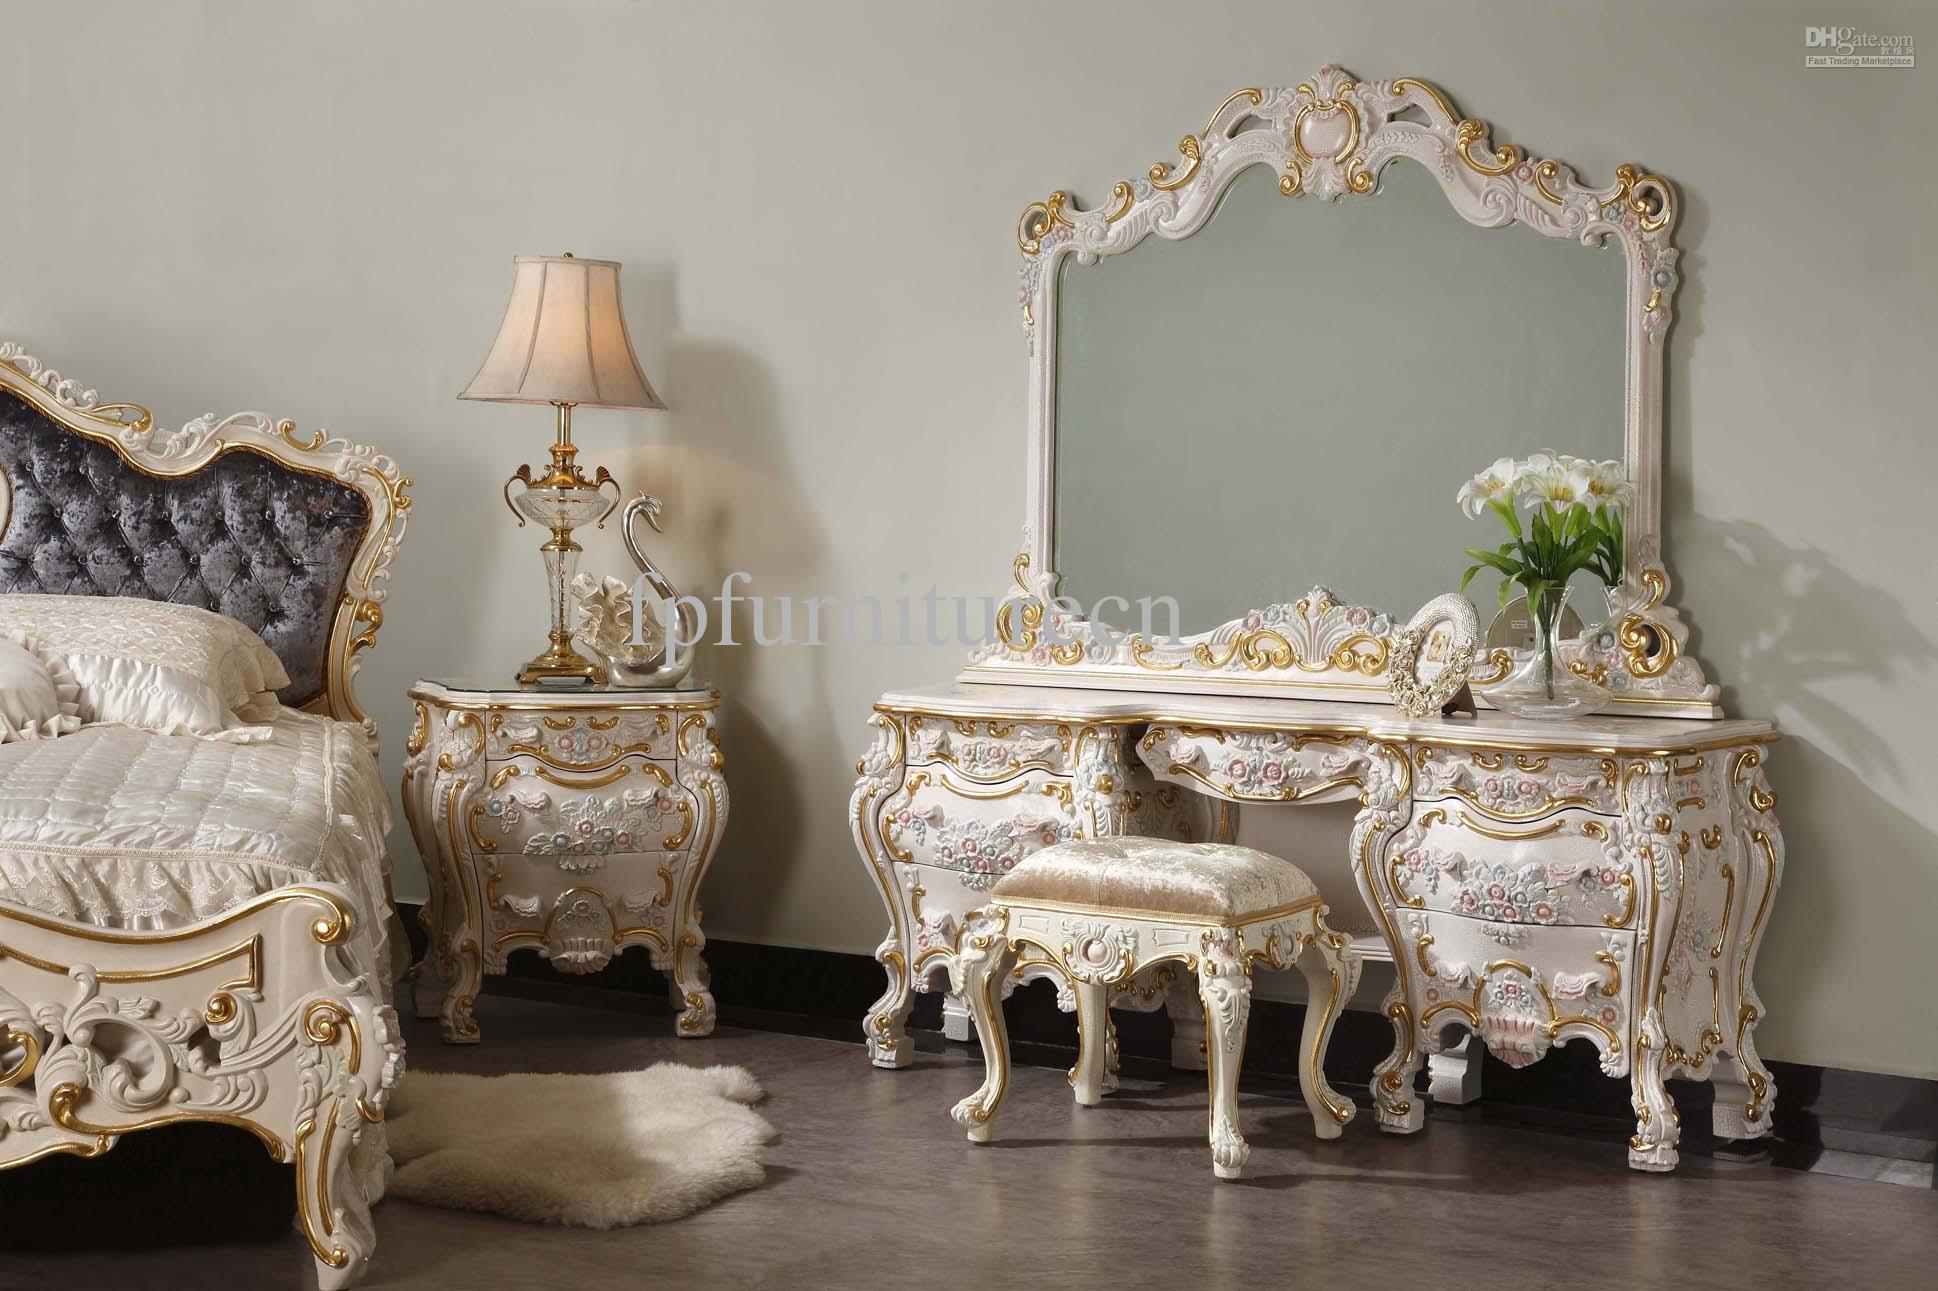 french style furniture gorgeous palace furniture,french chateau furniture,home furniture free  shipping NWXYOEW